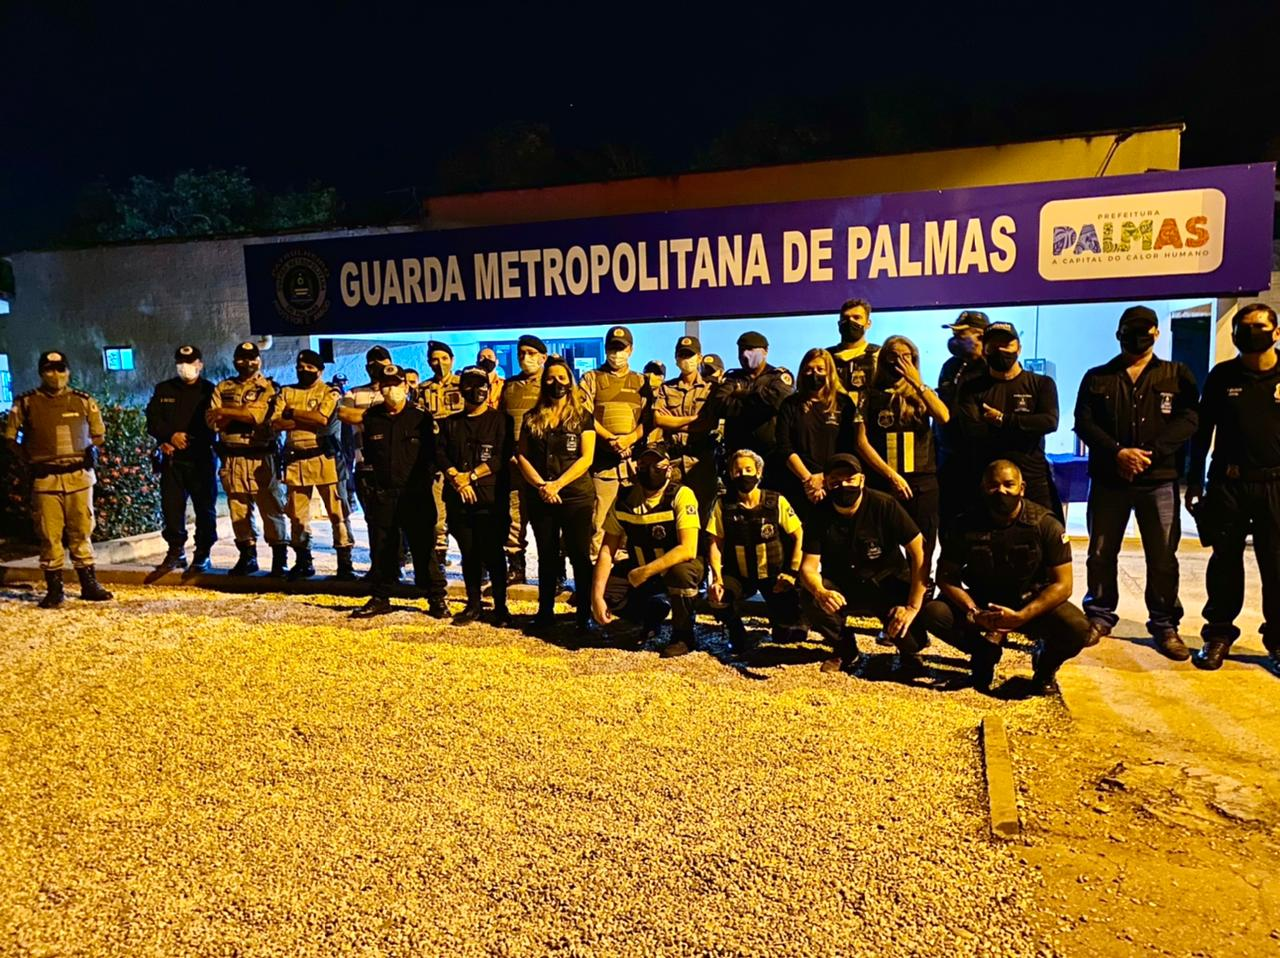 Operação Integrada encerra festa clandestina em Palmas e conduz quatro pessoas à delegacia